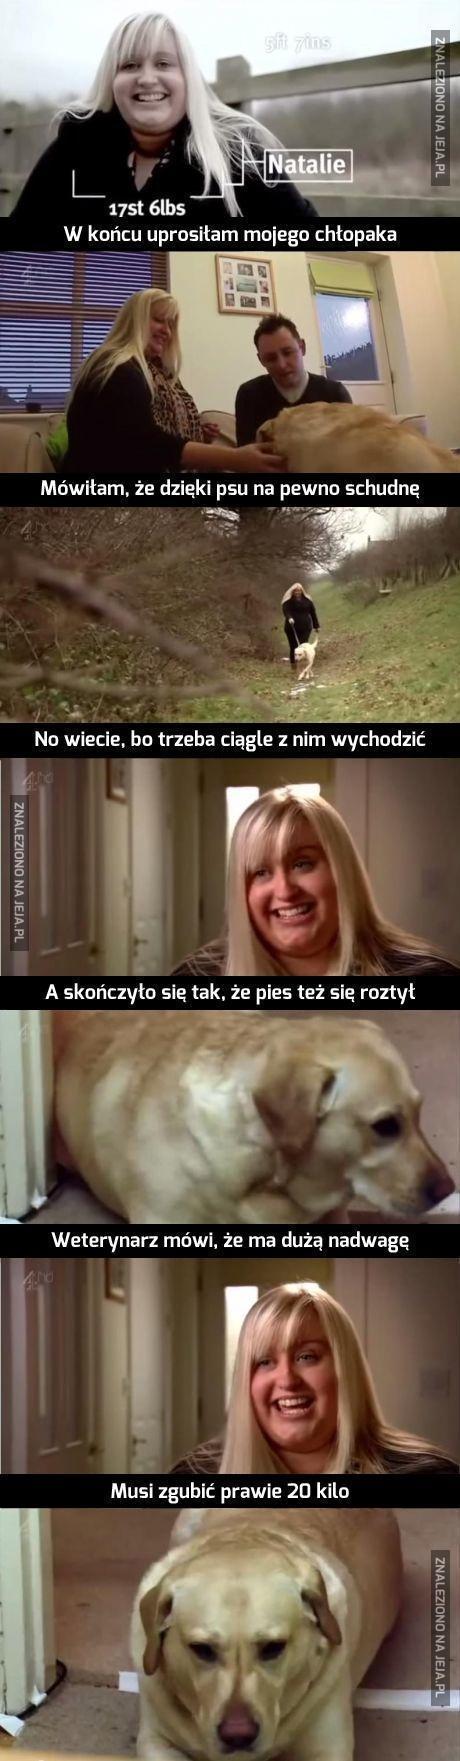 Zrobiła psu krzywdę i zadowolona...